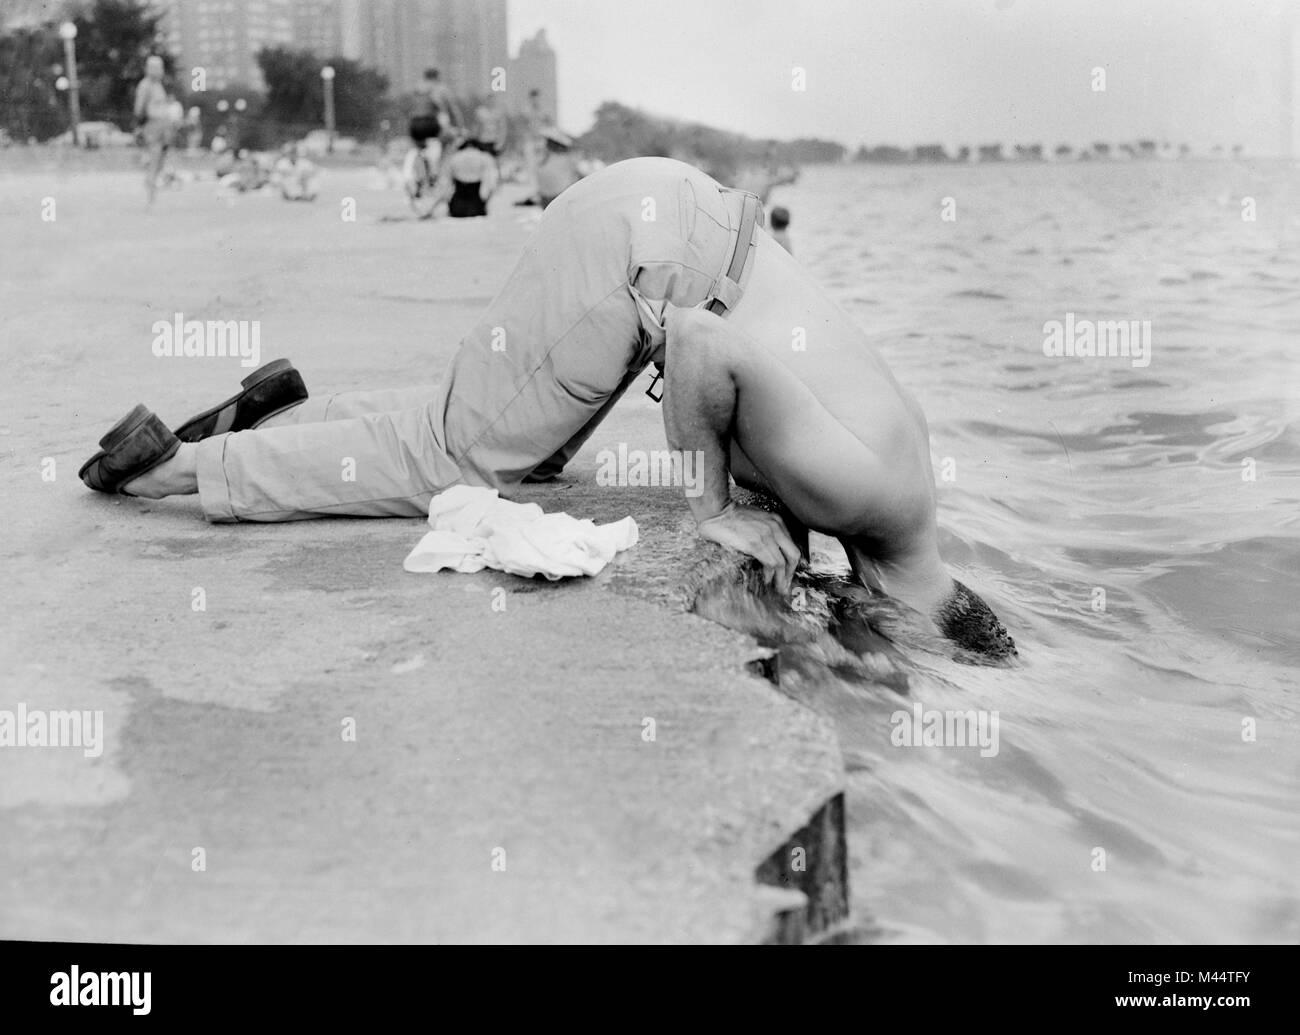 Ein Mann kühlt sich entlang der Oak Street Beach in Chicago durch seinen Kopf in den Lake Michigan, Ca. 1955. Stockbild